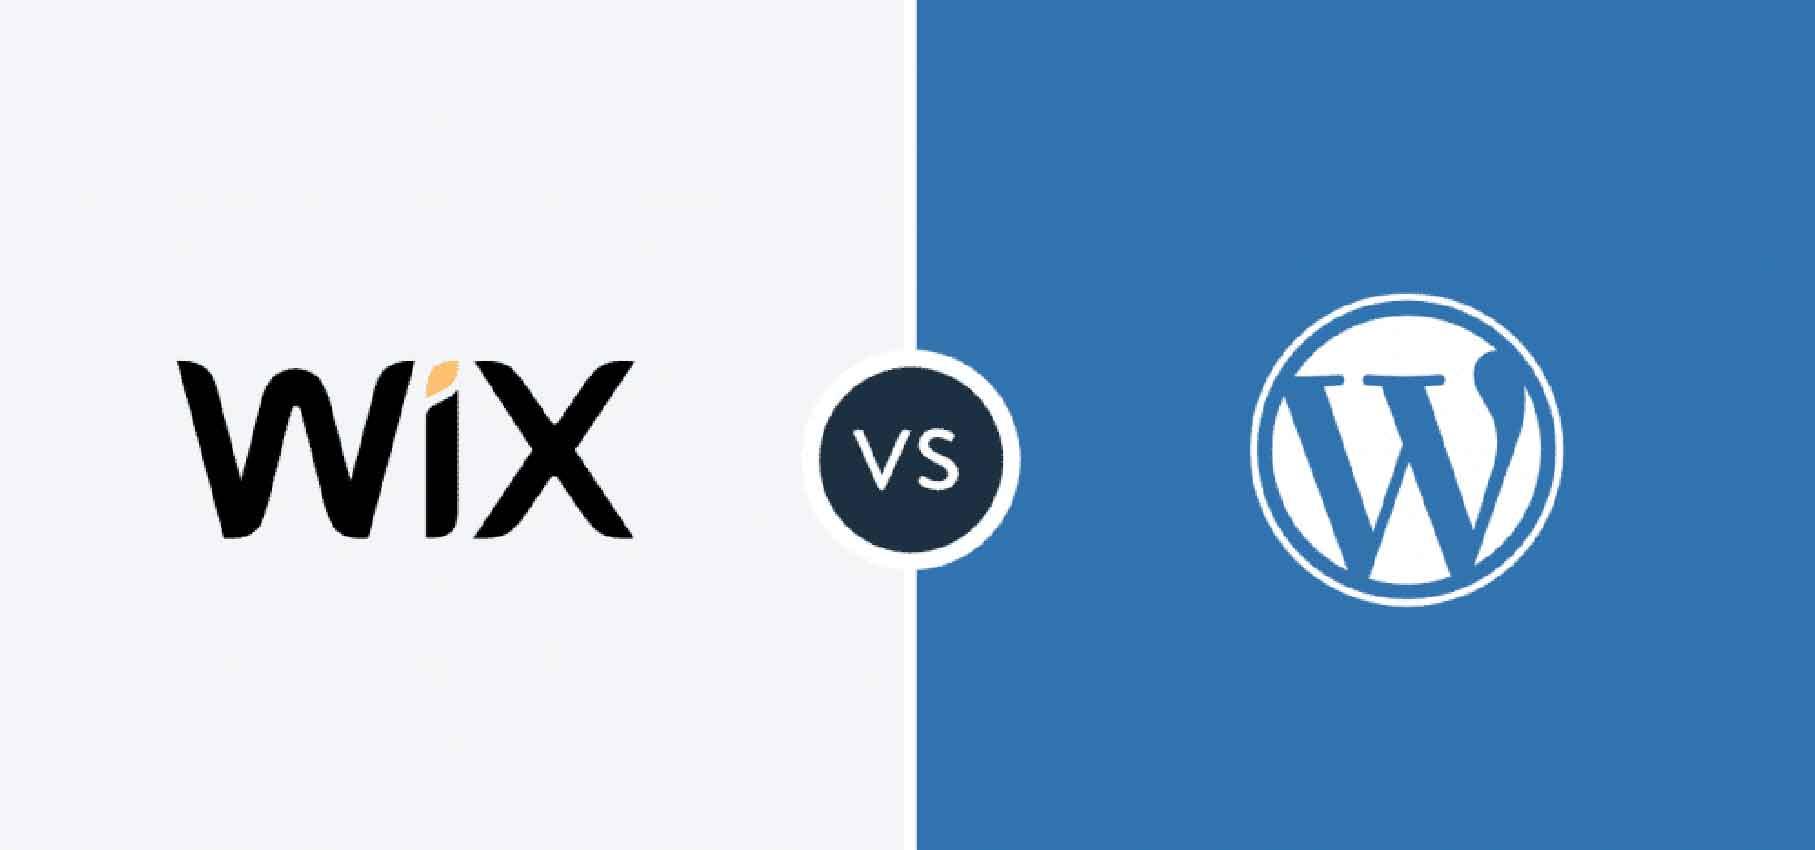 wp vs wix